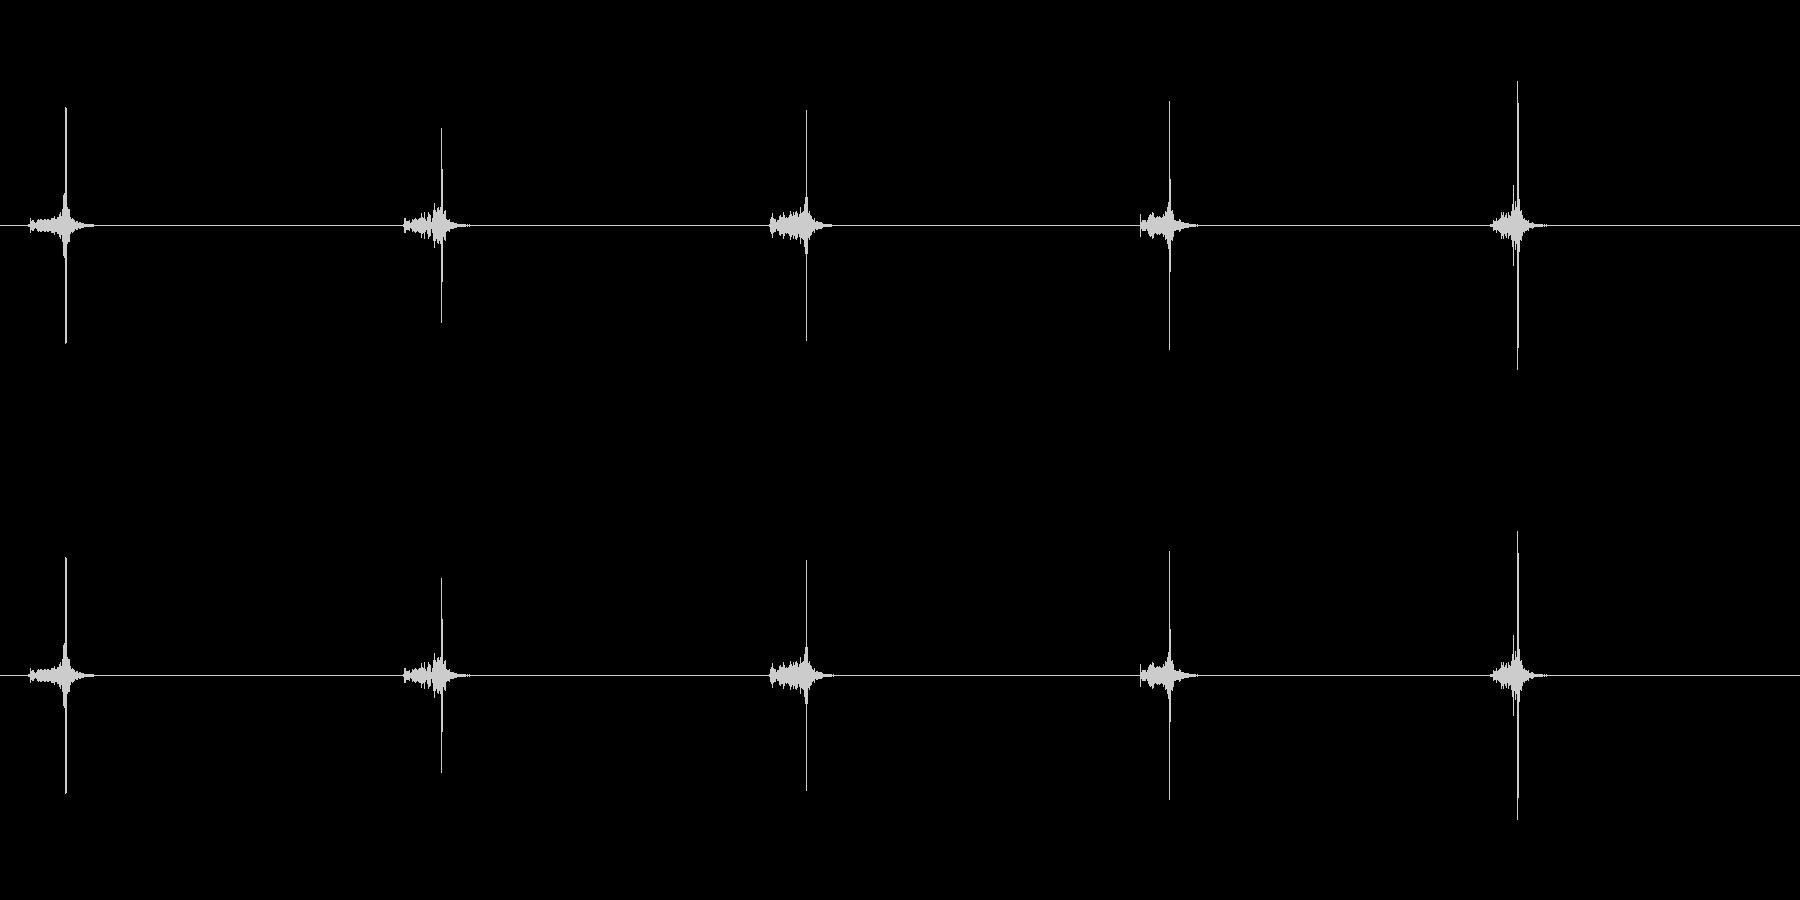 【ハサミ02-3(紙を切る)】の未再生の波形